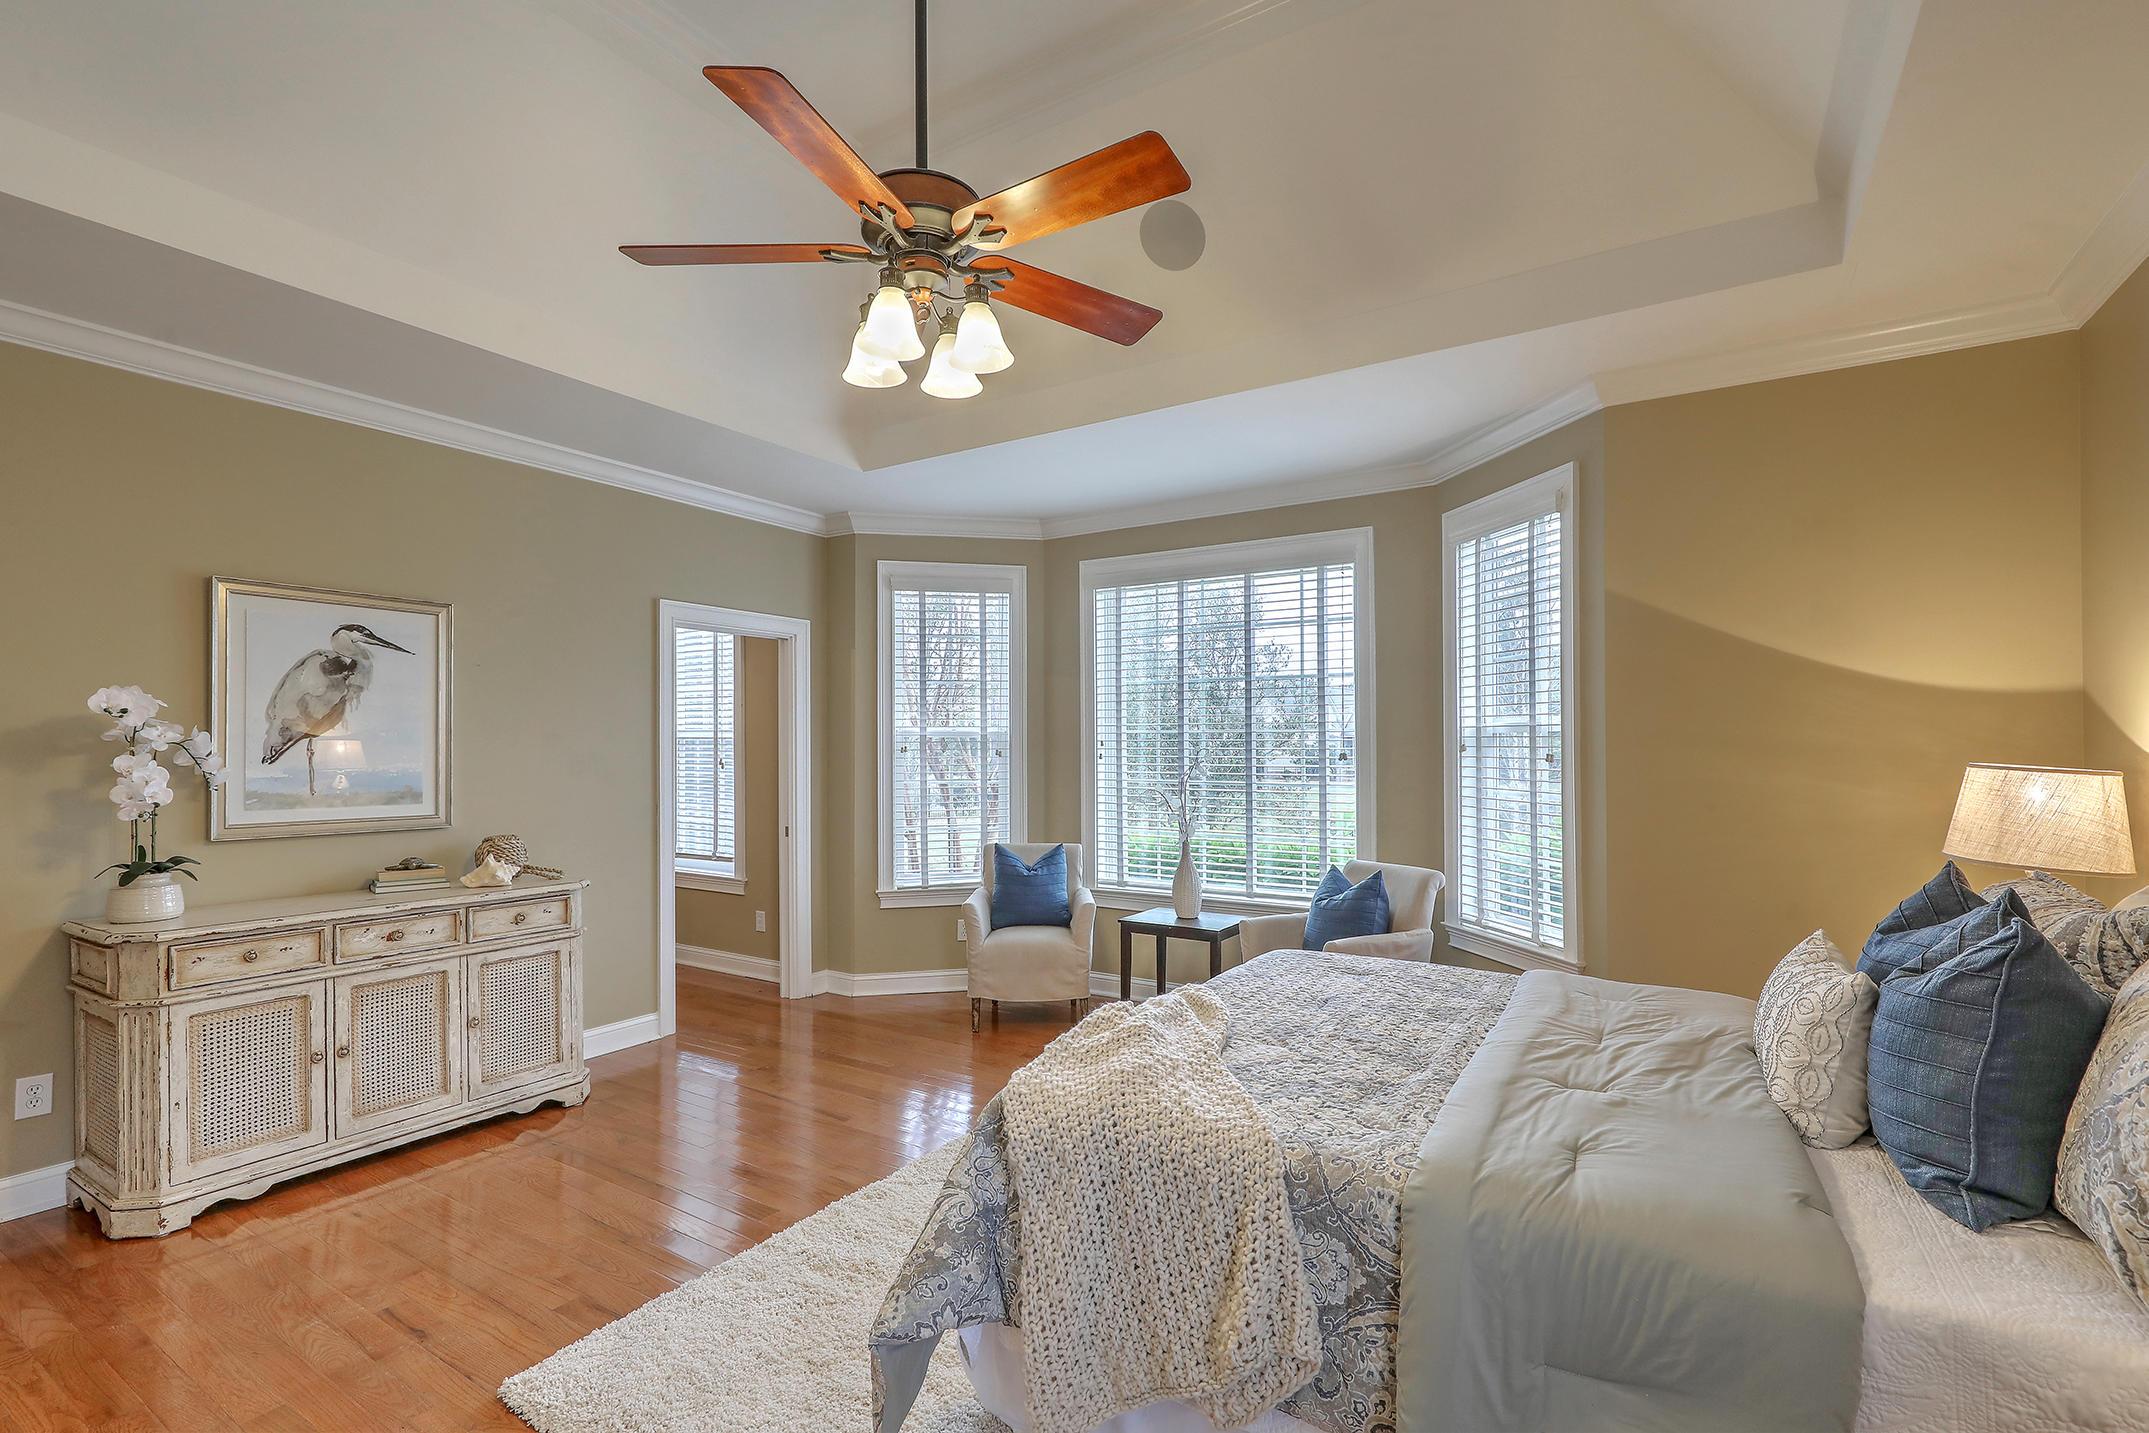 Dunes West Homes For Sale - 2817 Oak Manor, Mount Pleasant, SC - 30